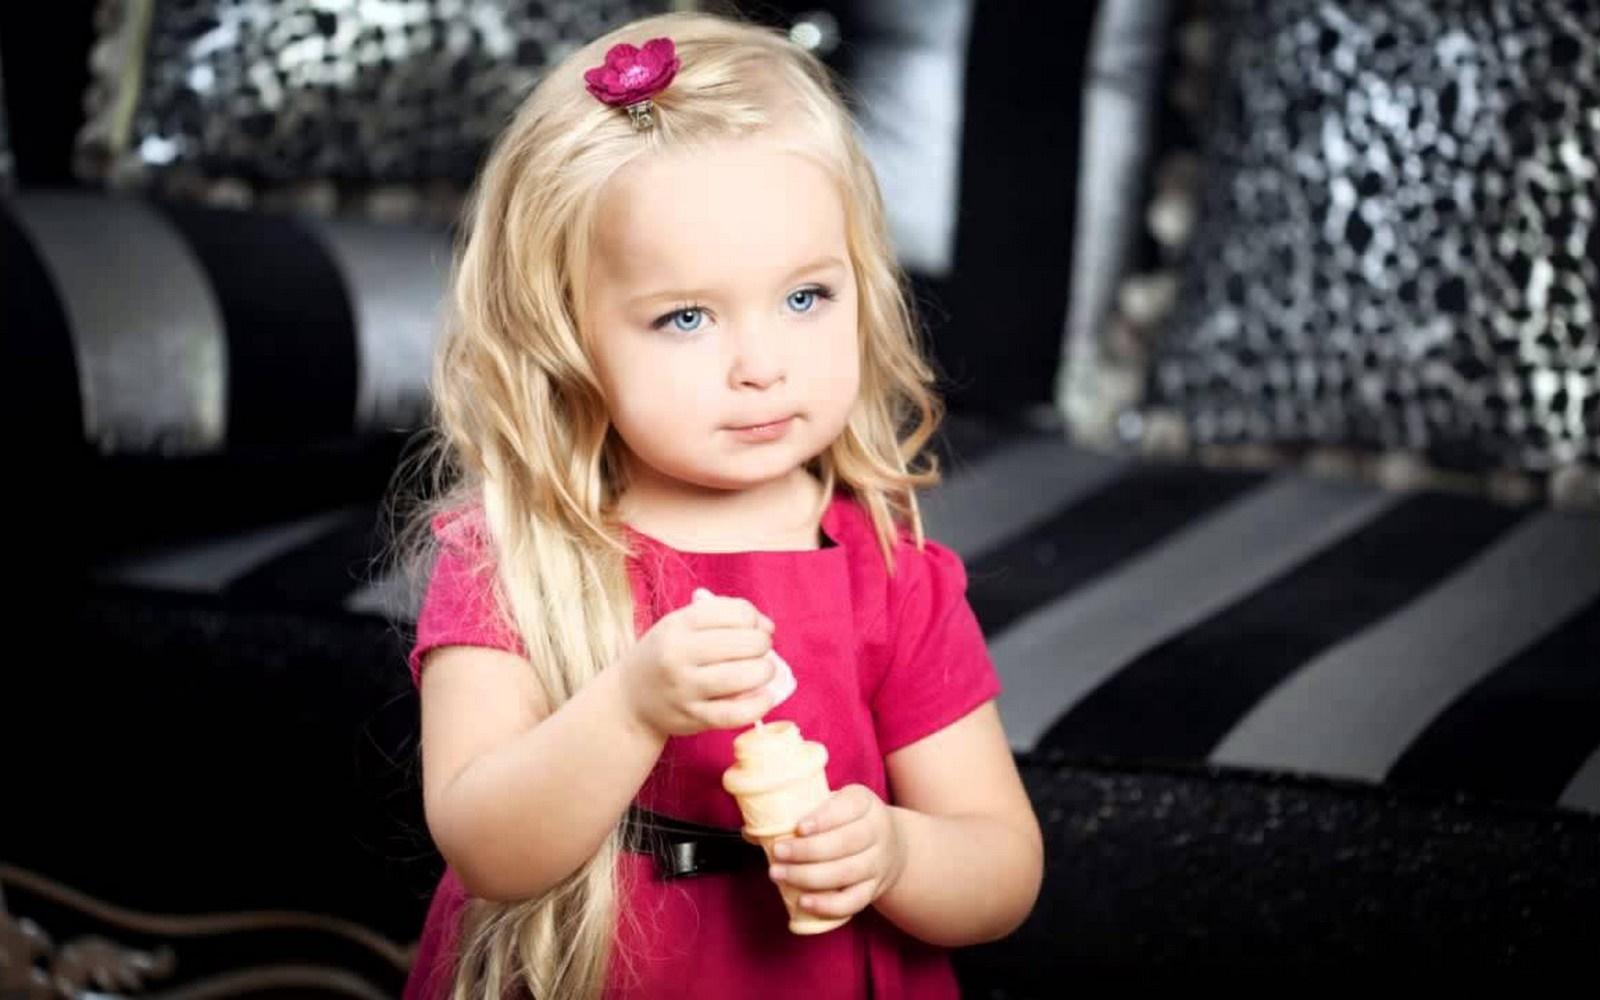 بالصور اجمل صور اطفال بنات , الطف صور اطفال بنات 5297 3